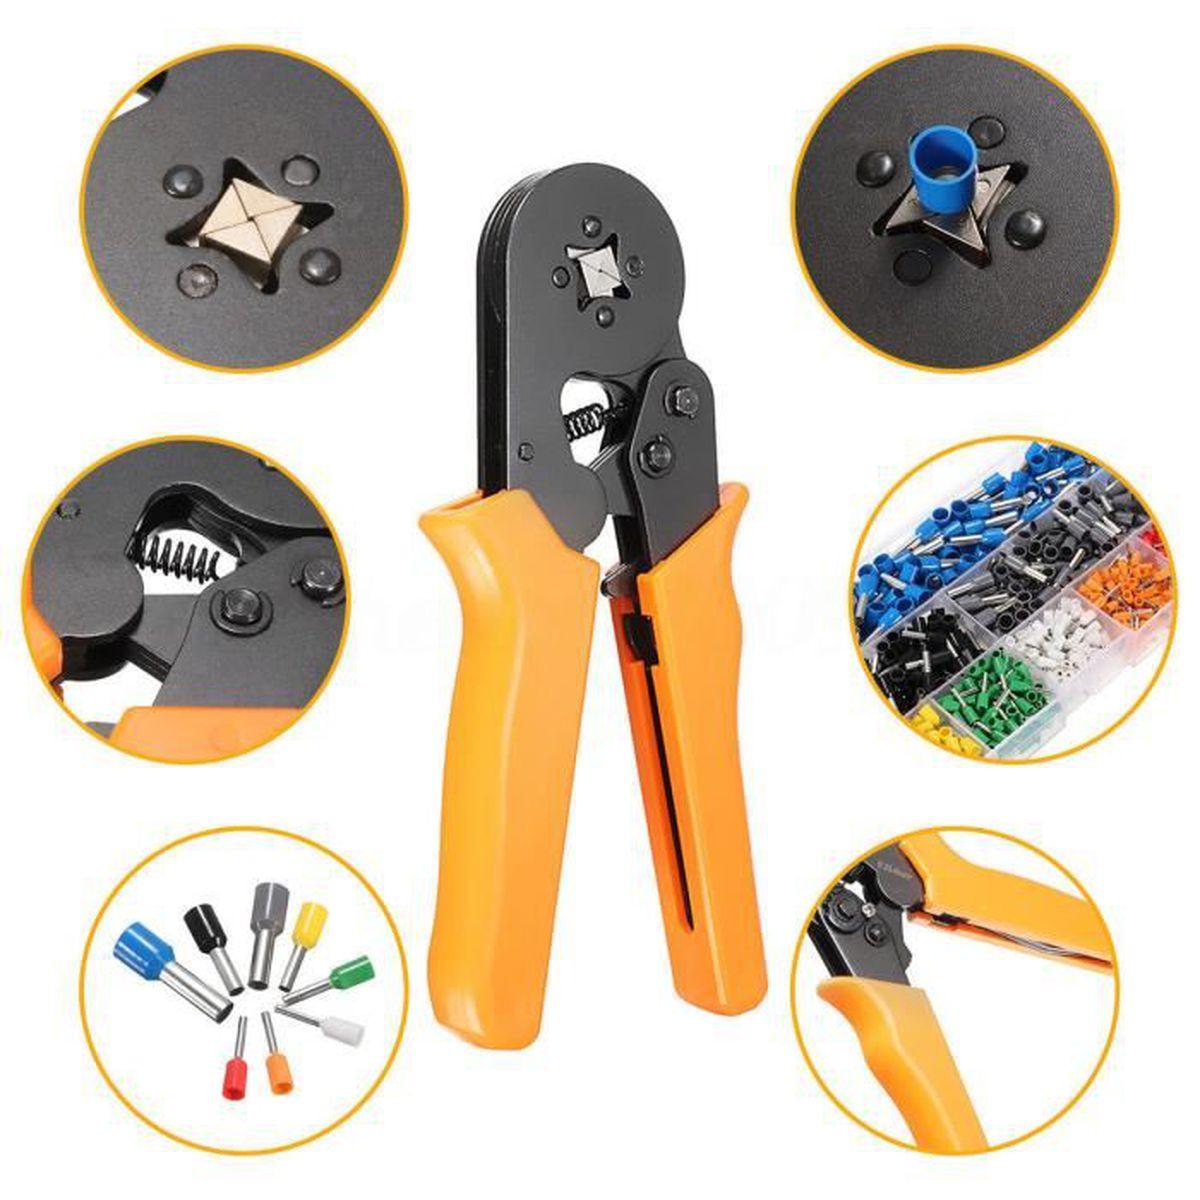 AWG23-10 Auto Ajuste Pince A Sertir Clique Câble Embout Fil HSC8 6-4A 0.25-6mm²